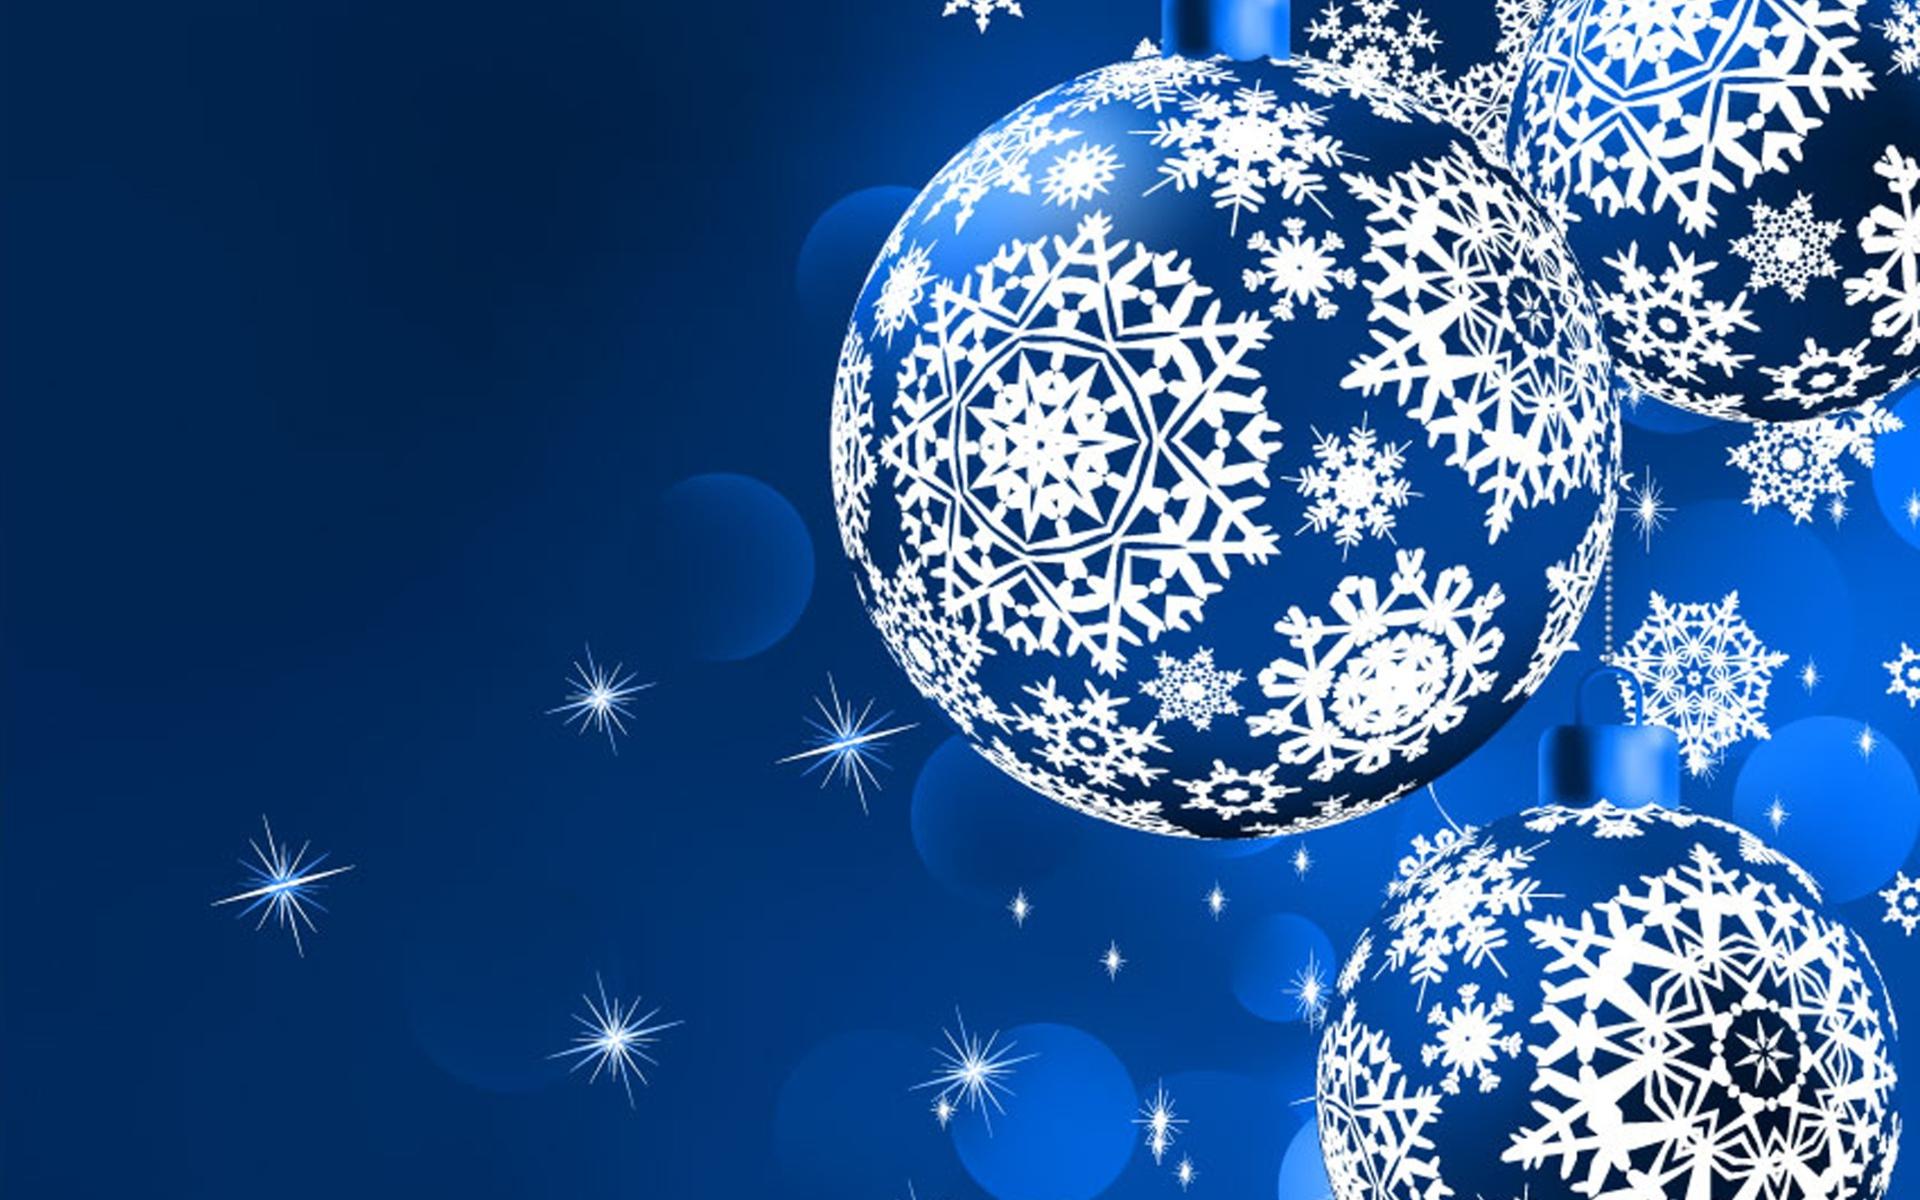 Шары со снежинками - C Рождеством Христовым поздравительные картинки